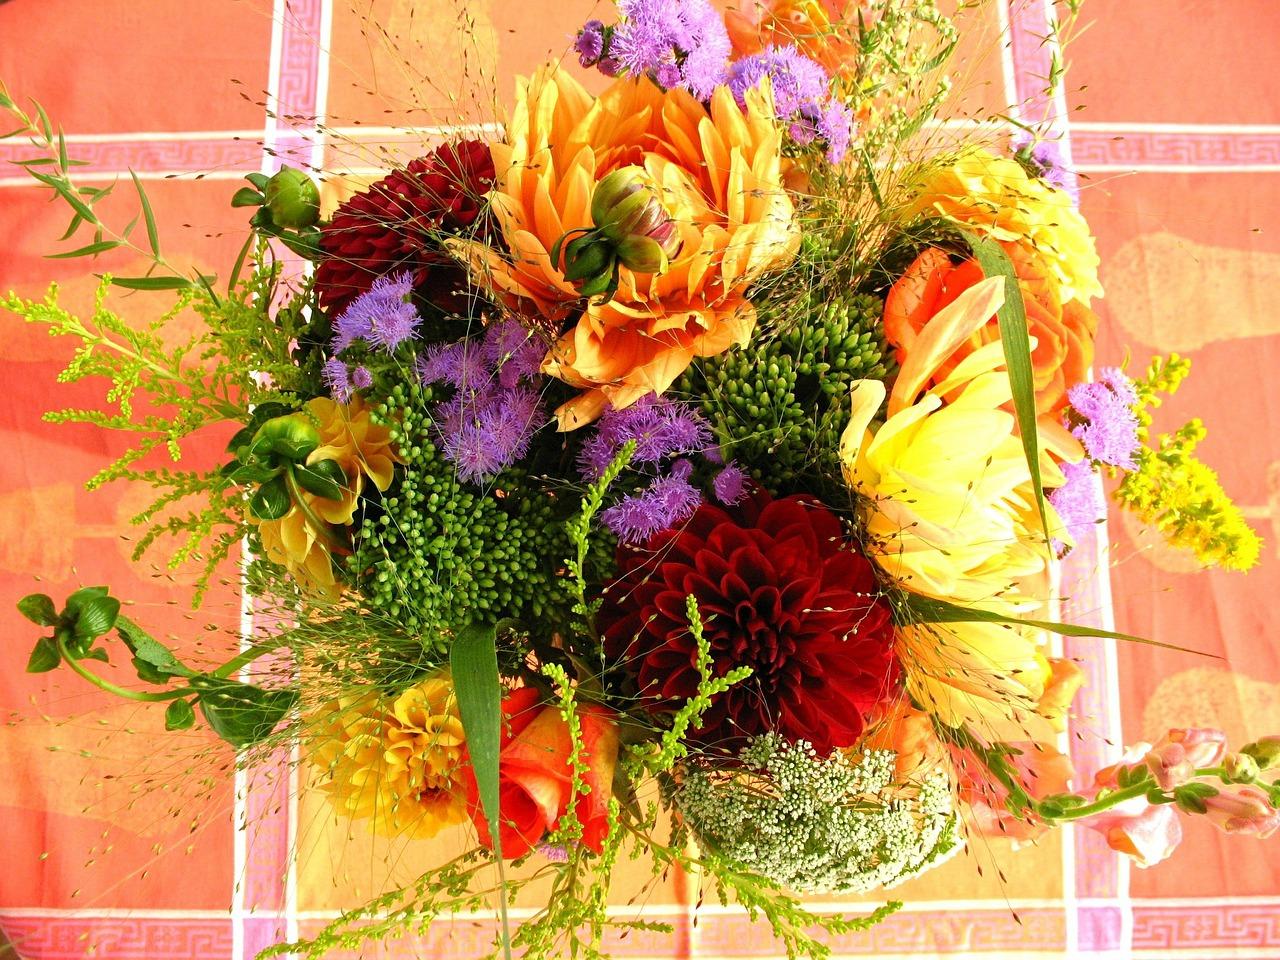 colorful-flower-bouquet-566706_1280